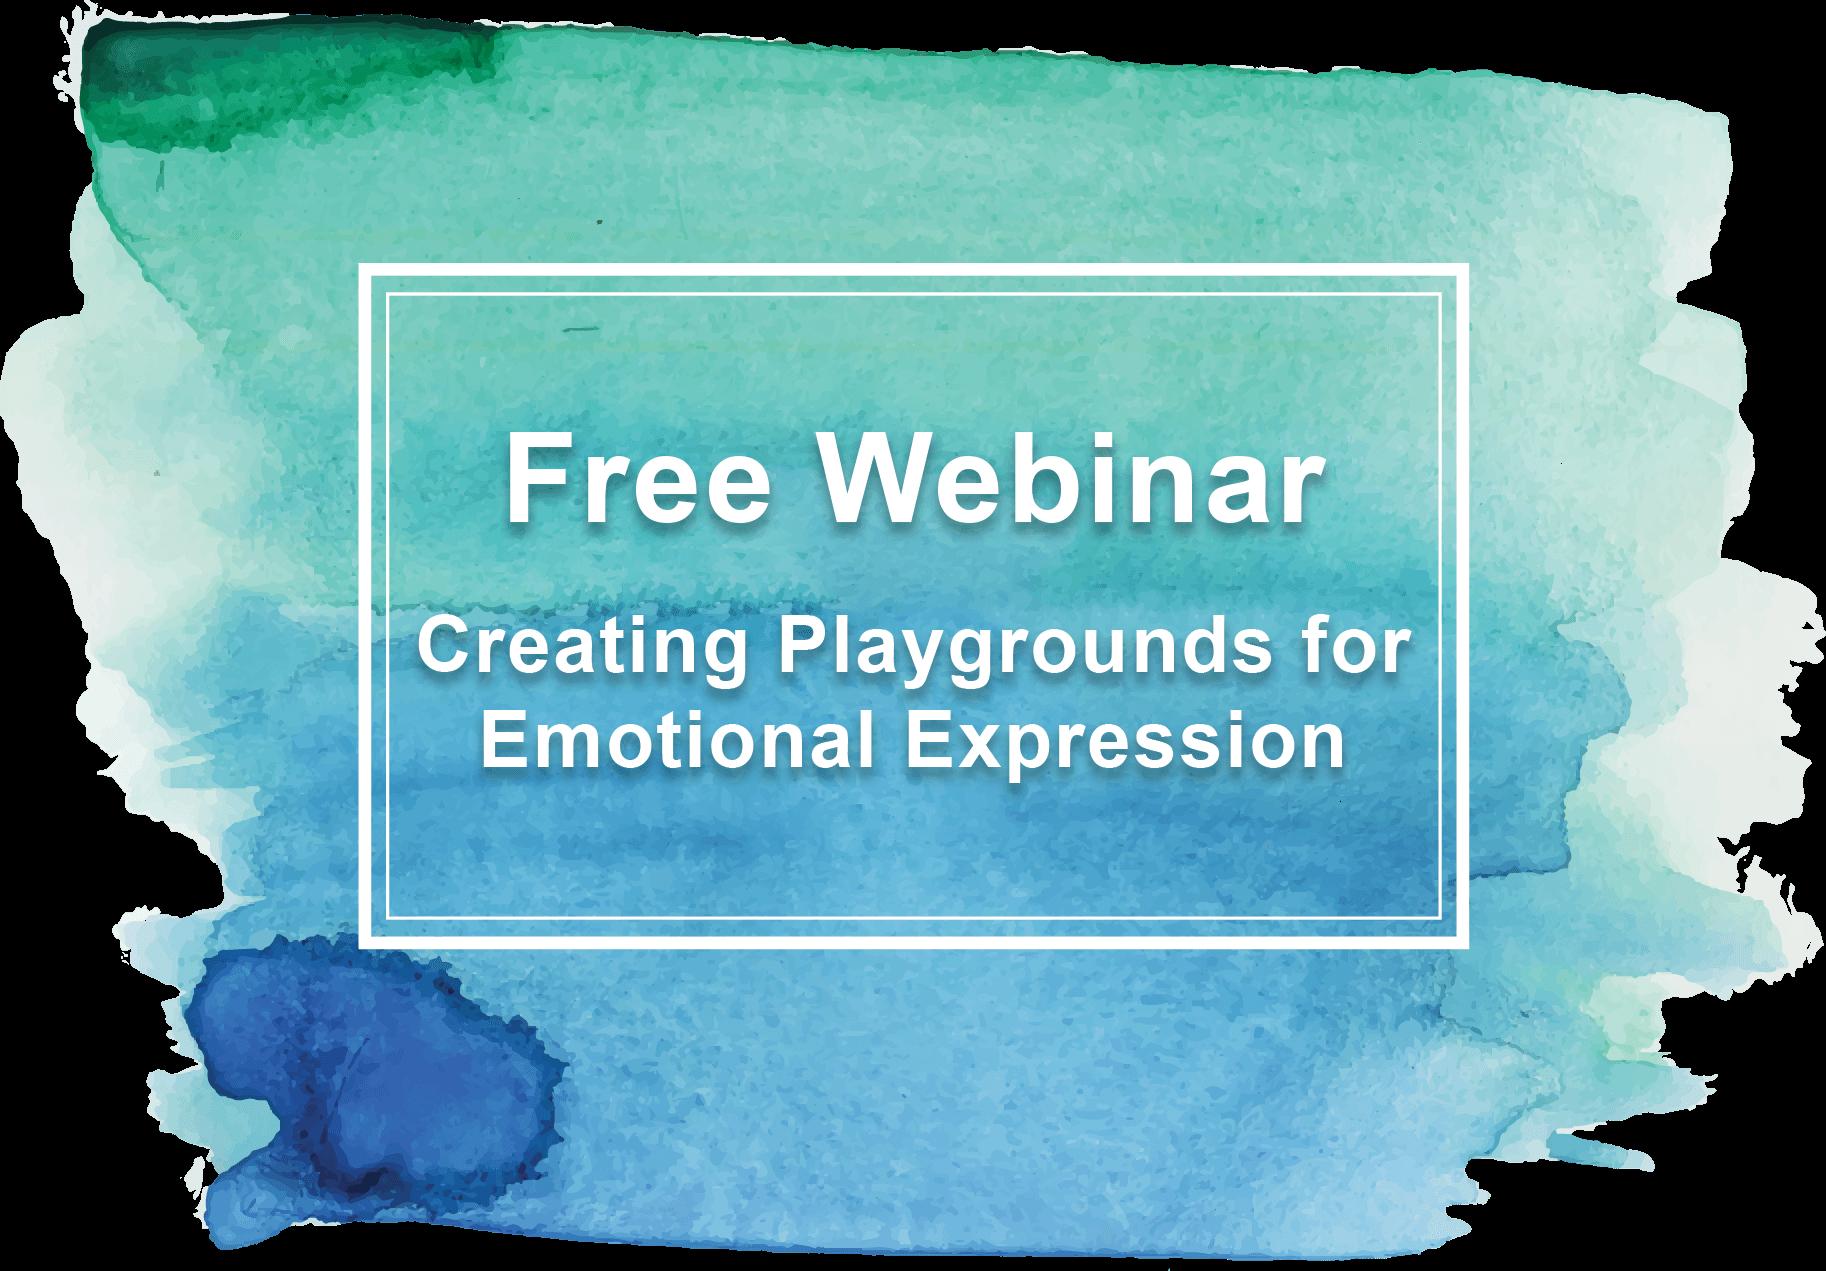 Free Webinar: Emotional Expression